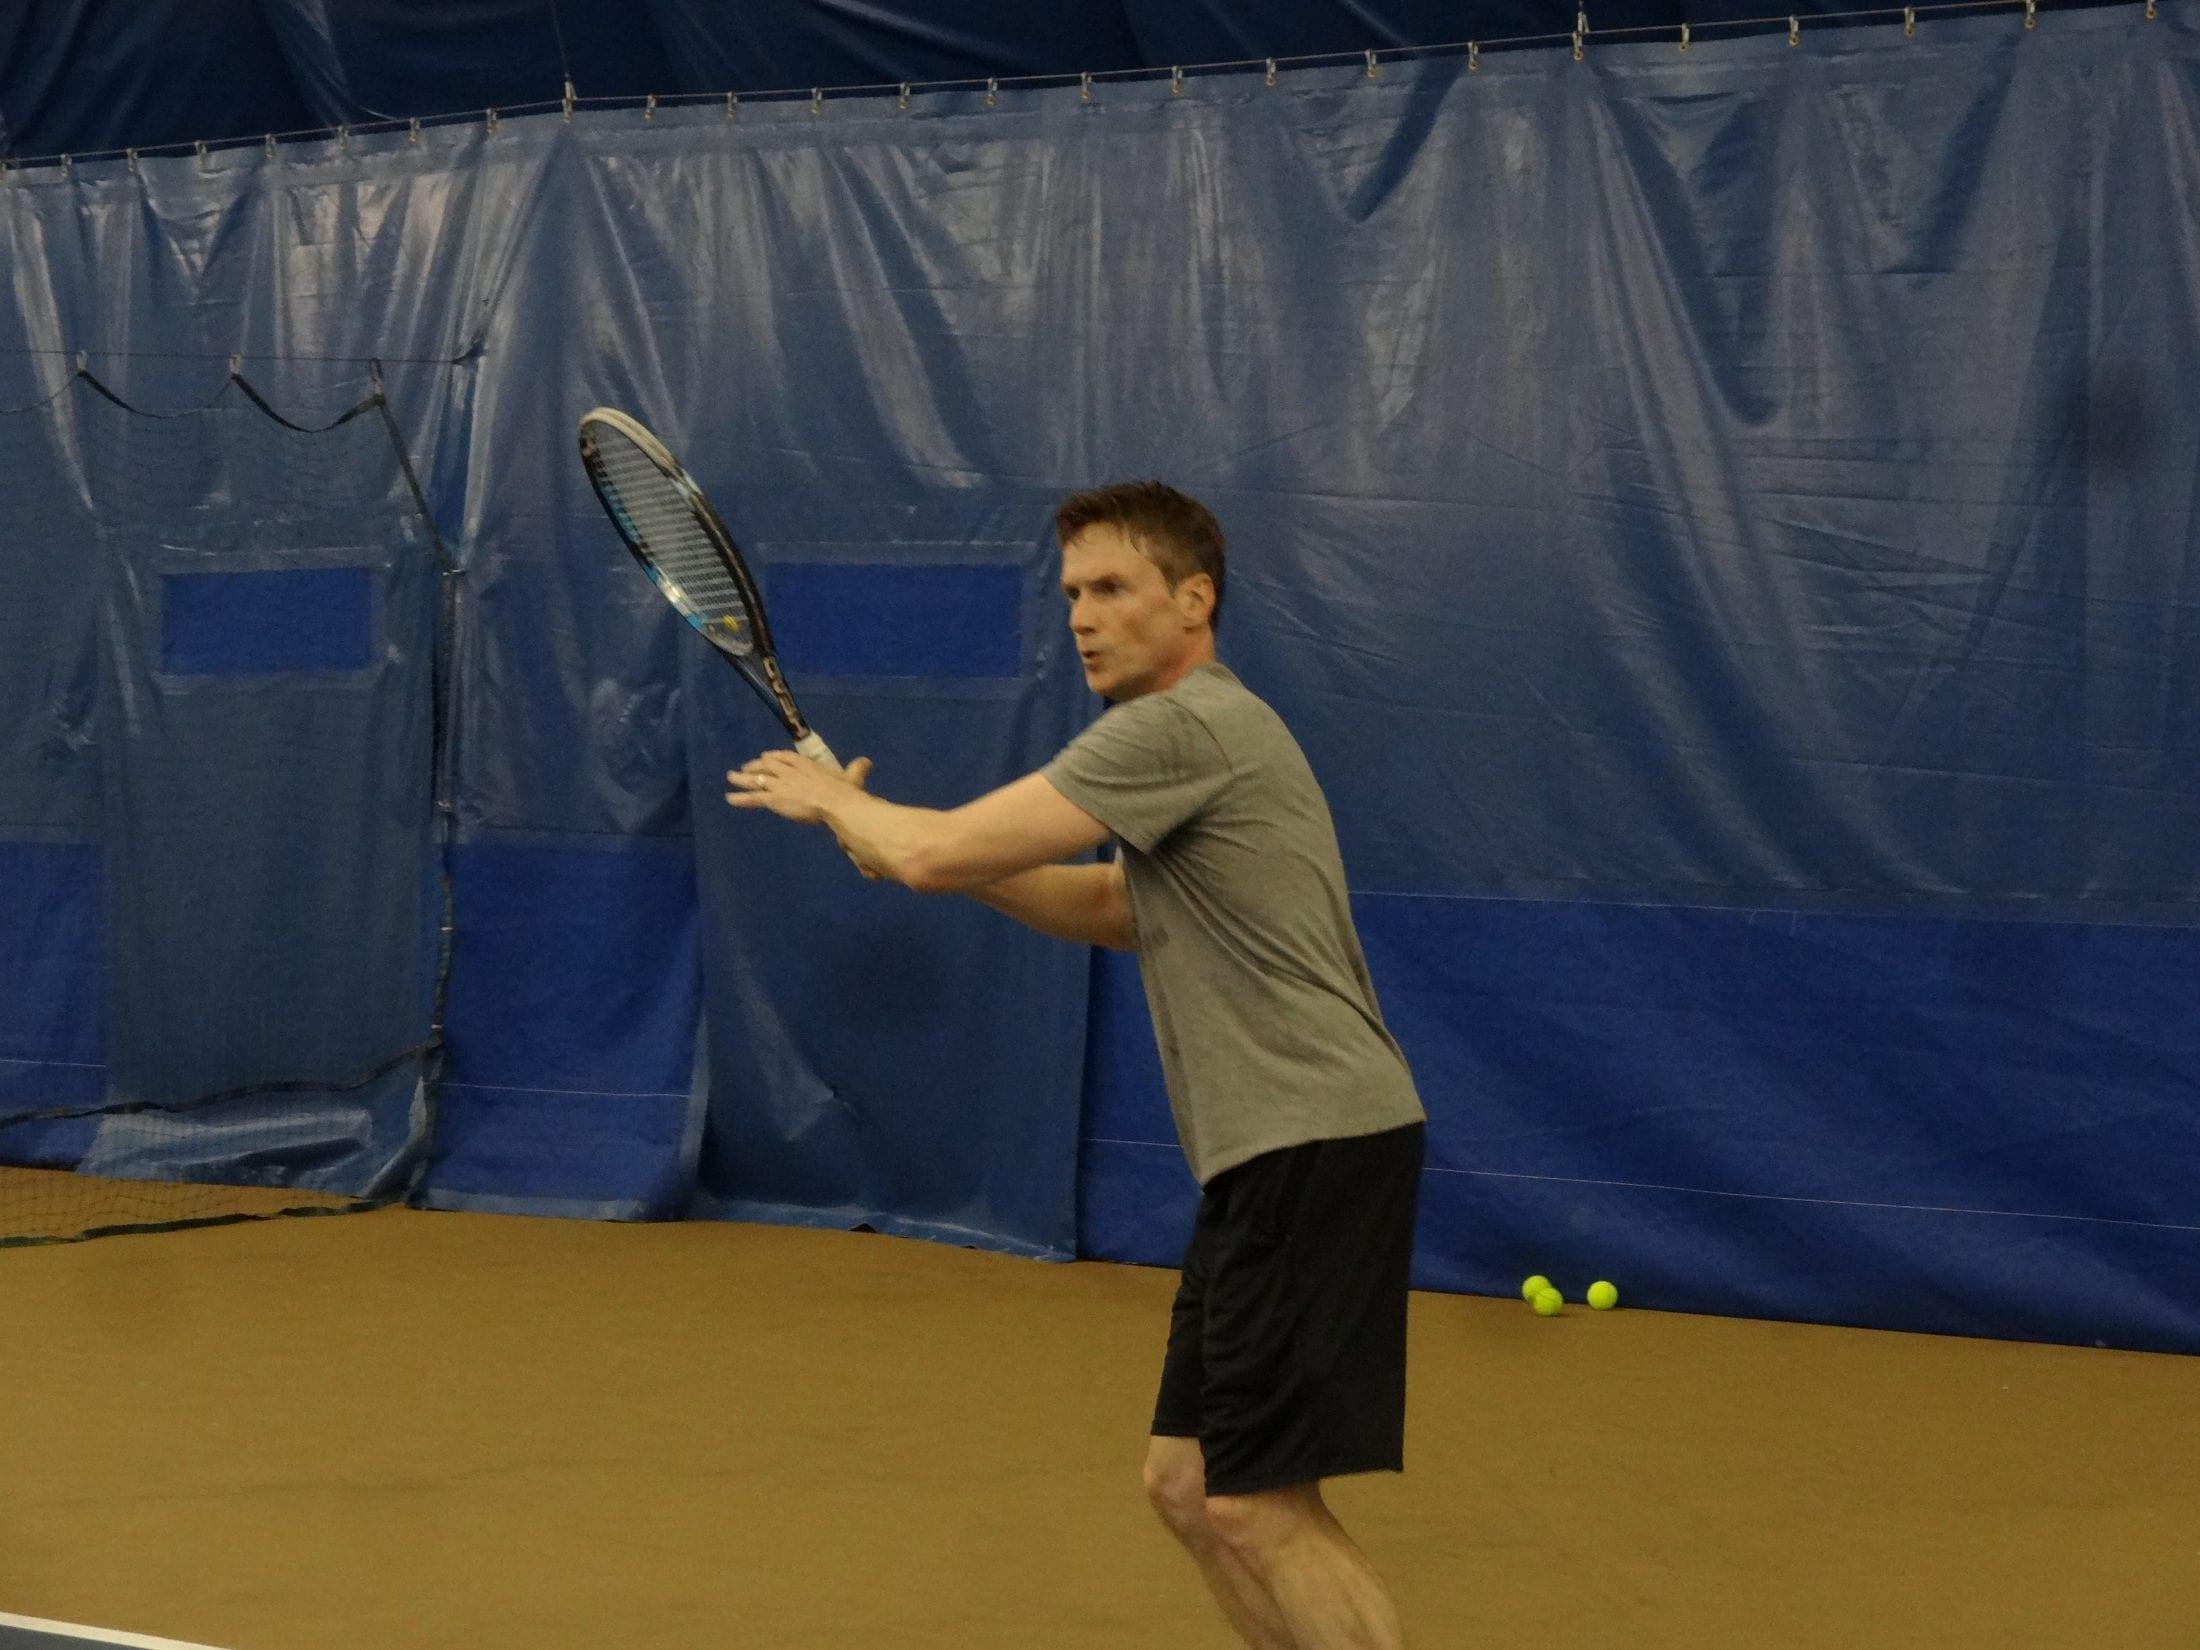 How to Practice Zen Tennis images